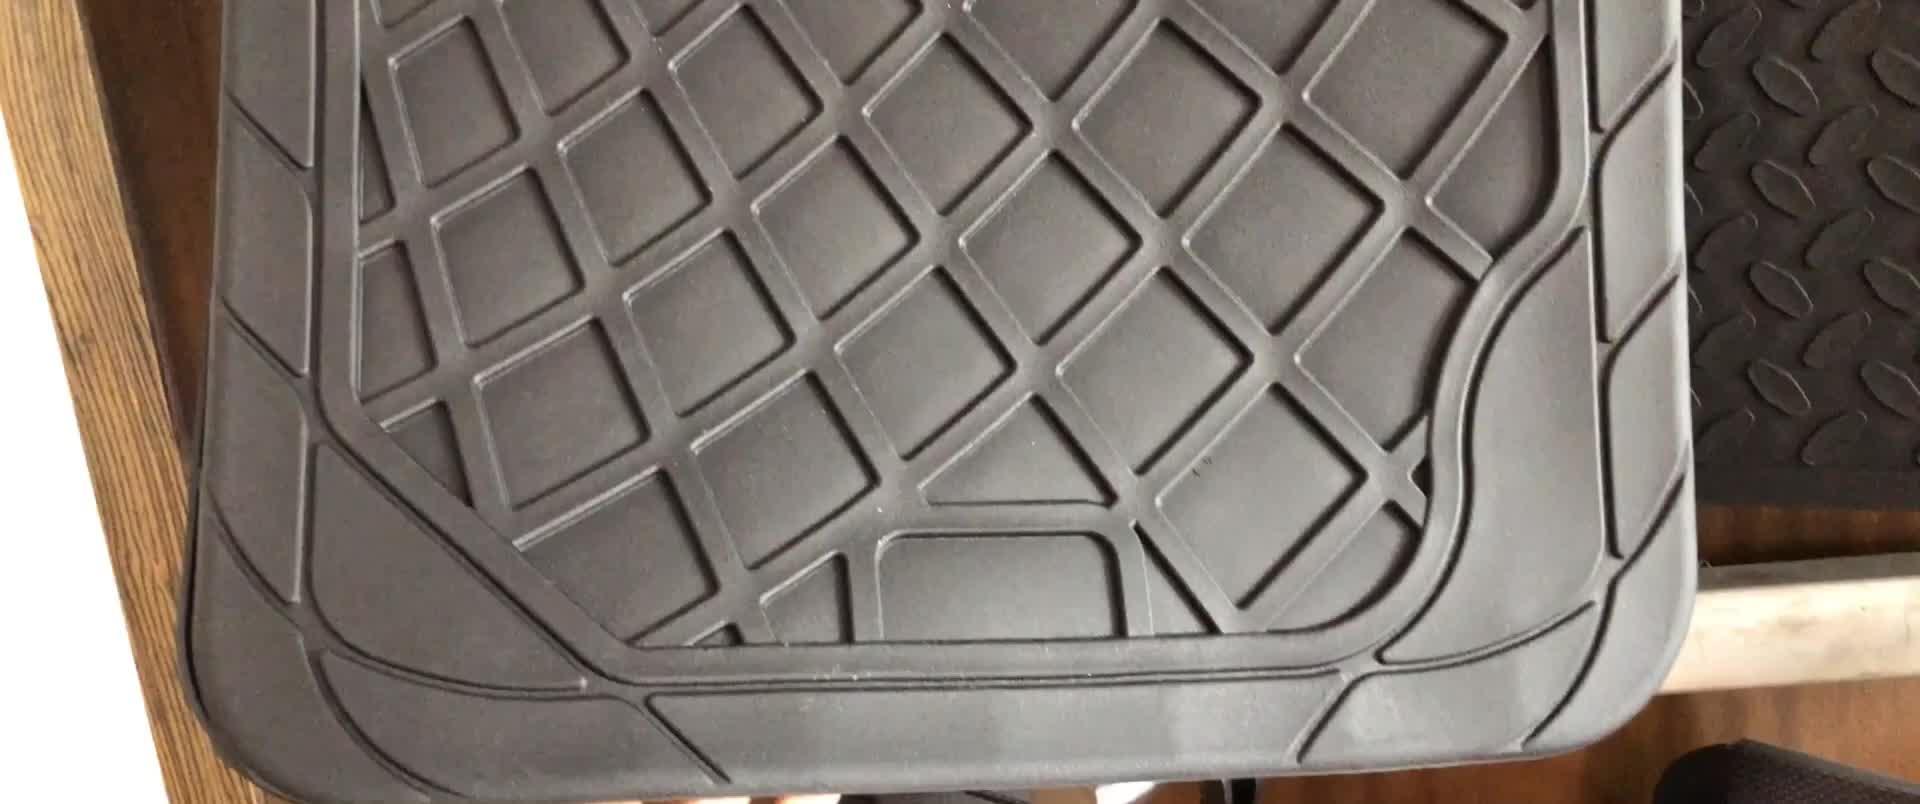 Benzersiz tasarım Mükemmel kalite düşük fiyat araba paspaslar kauçuk yaratıcı tasarım araba kauçuk zemin matı